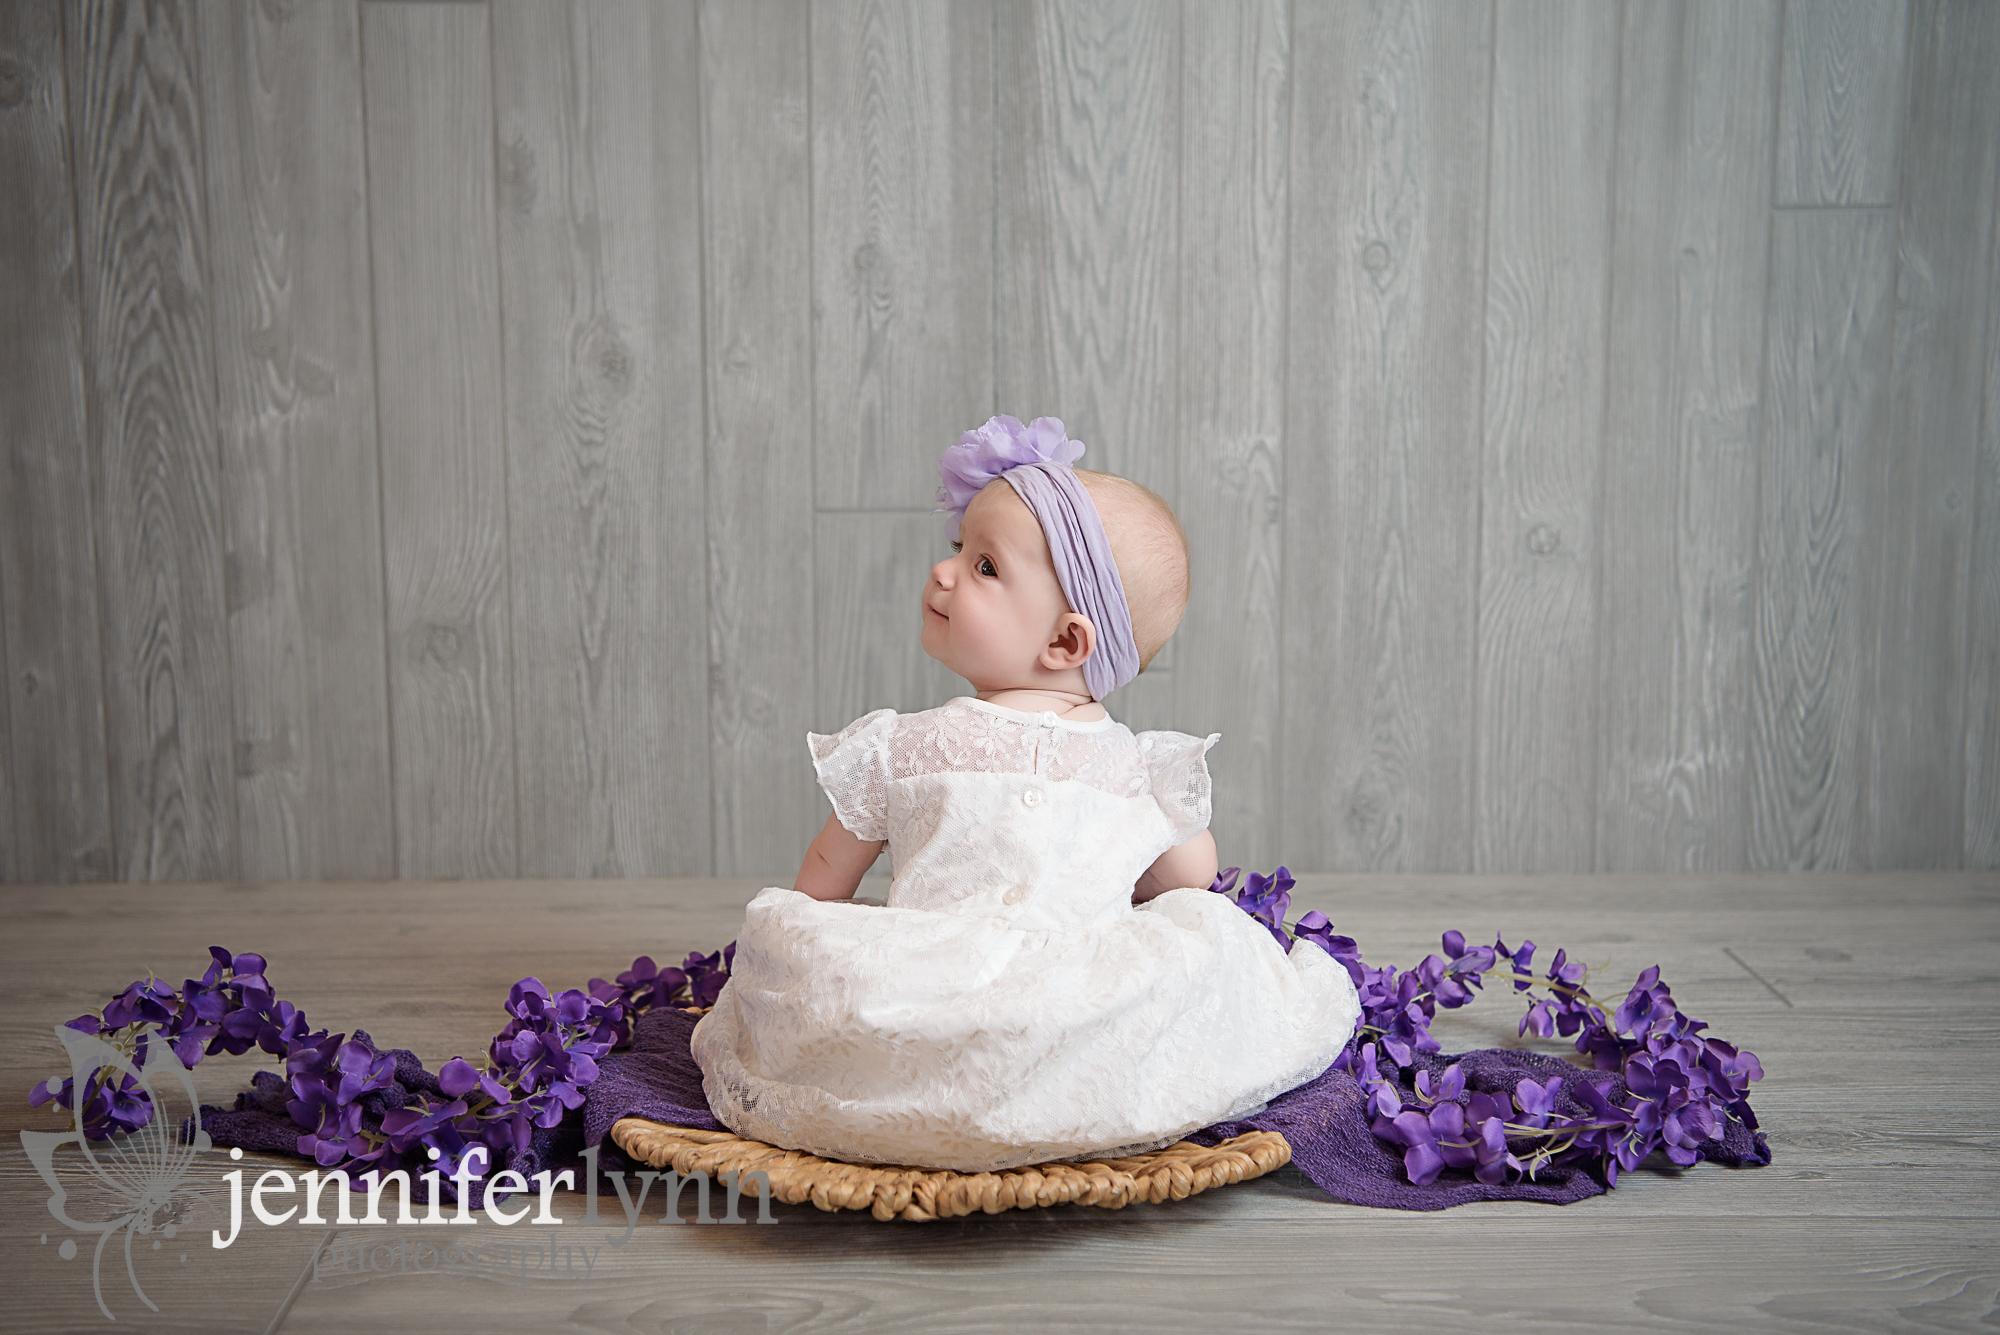 Baby Sitting Purple and White Backwards